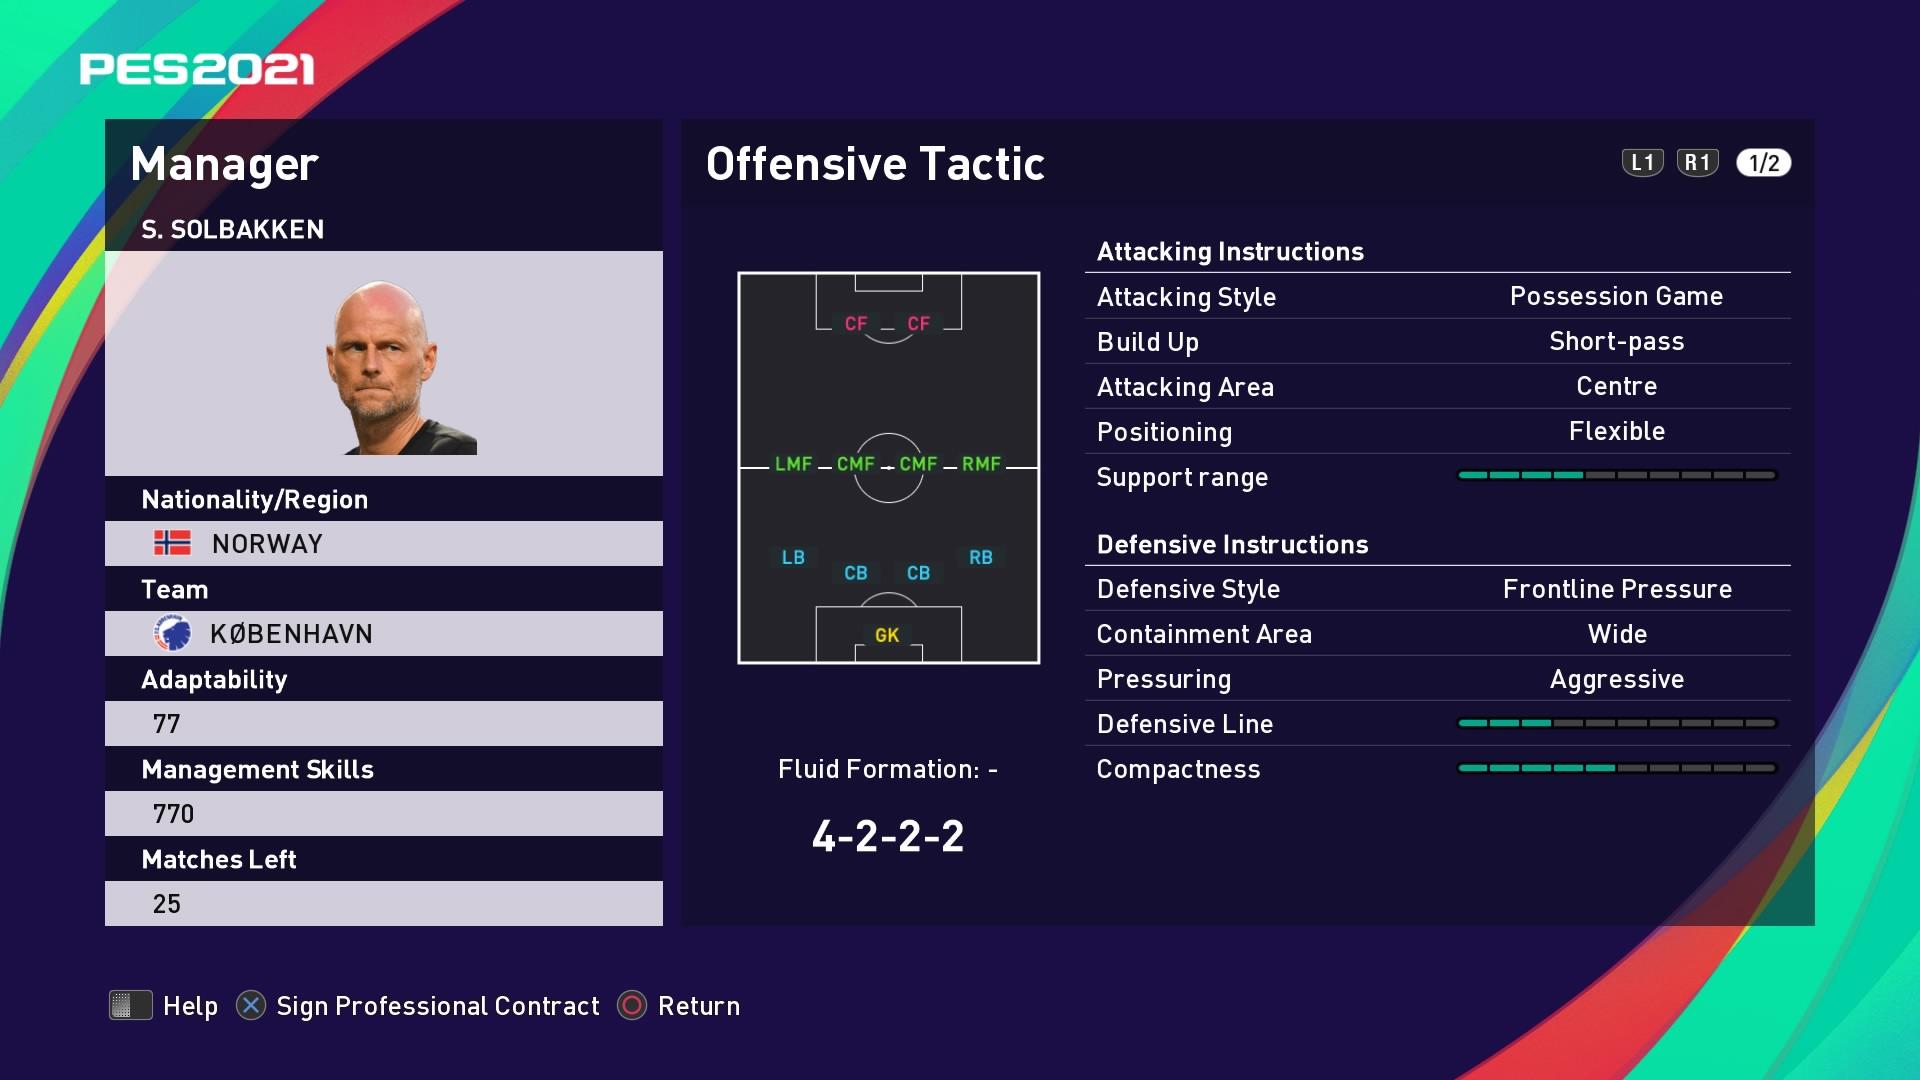 S. Solbakken (Ståle Solbakken) Offensive Tactic in PES 2021 myClub